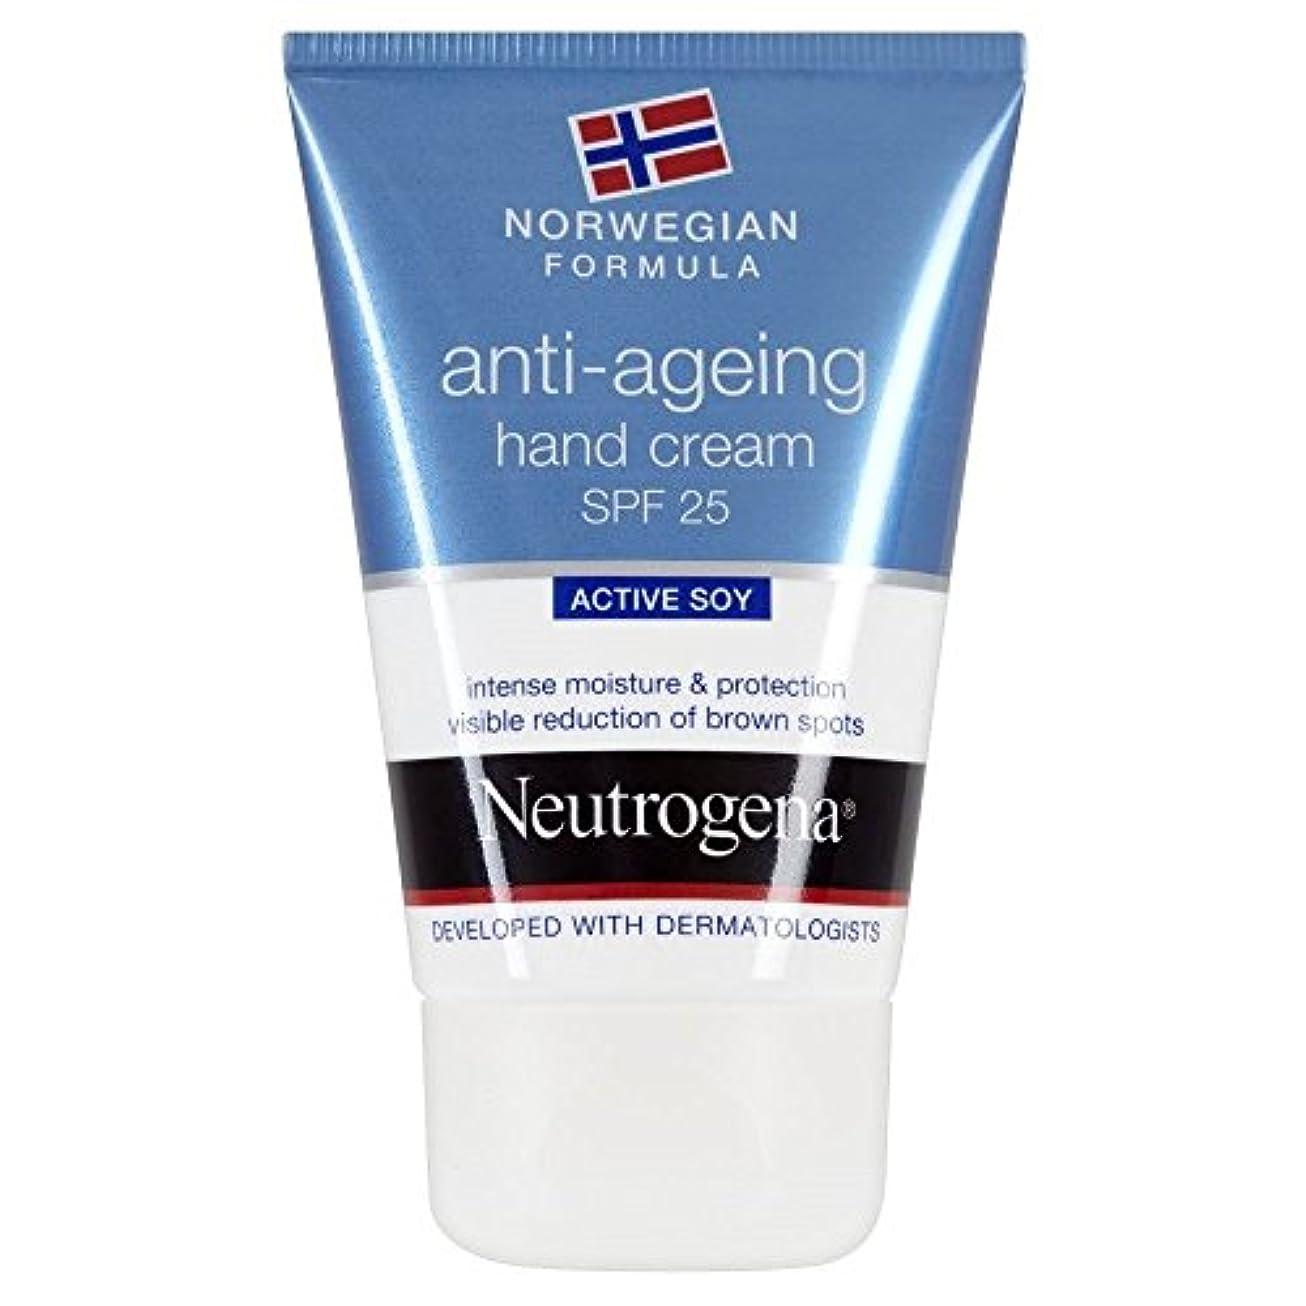 所持ハイライトに向かって[Neutrogena] ニュートロジーナノルウェー式アンチエイジングハンドクリームSpf25(50Ml)中 - Neutrogena Norwegian Formula Anti Ageing Hand Cream Spf25...